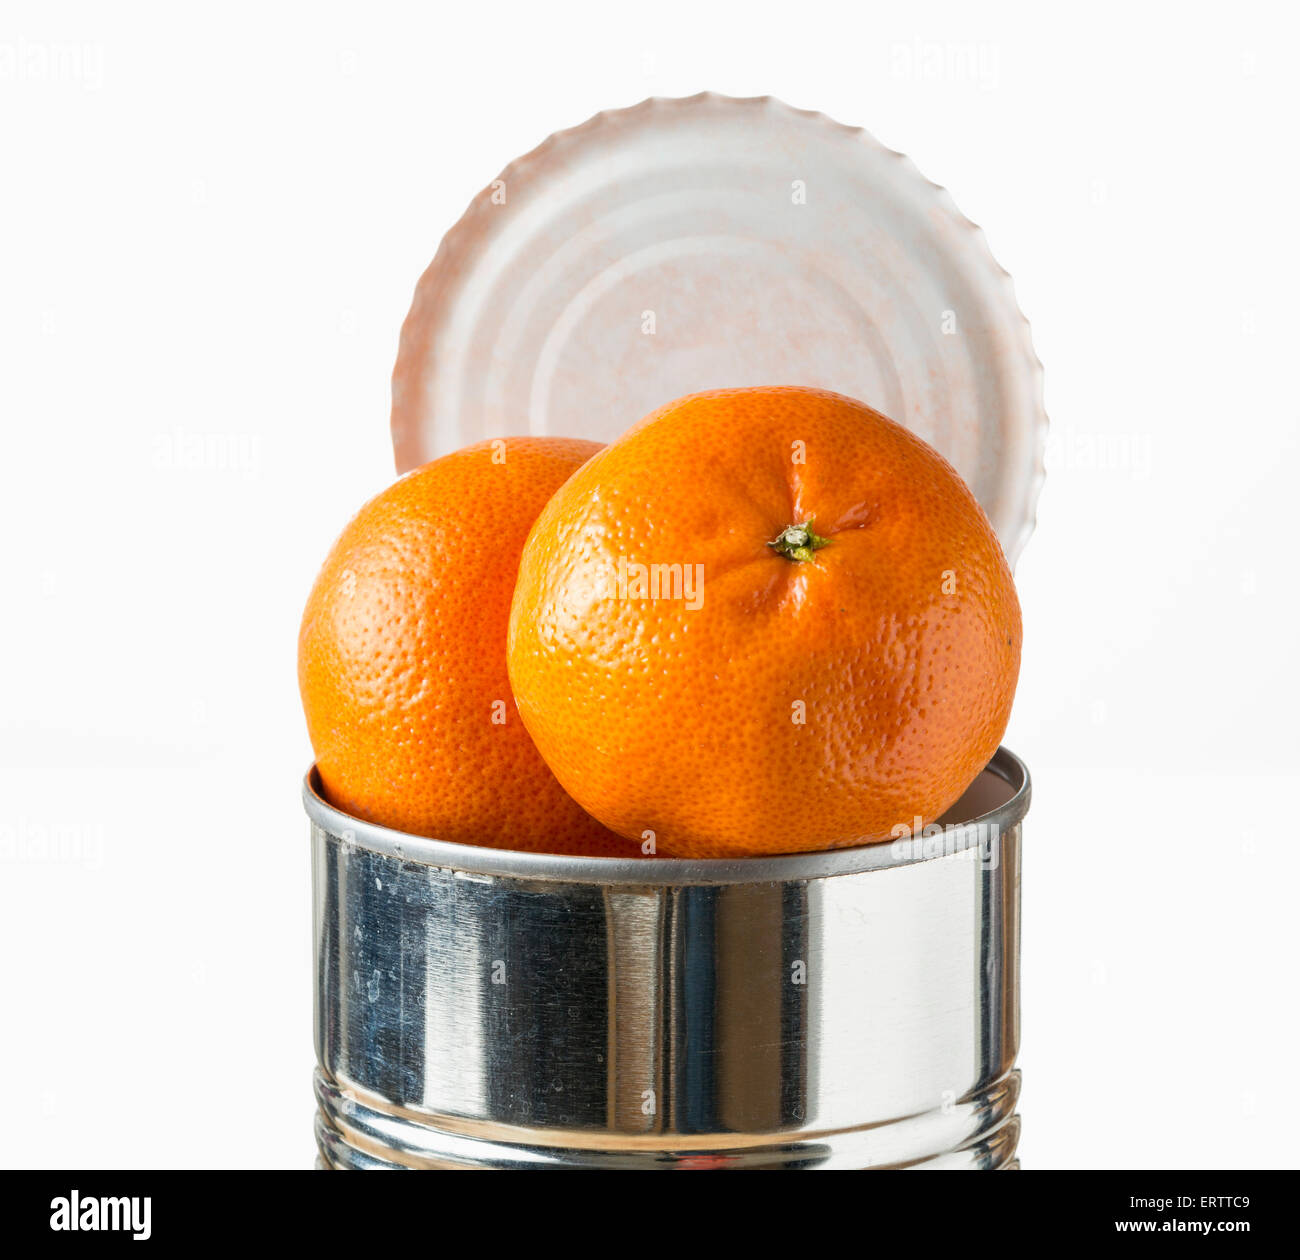 Orangen / Satsumas Frucht innen geöffnete Dose - frische Lebensmittel in Dosen Konzept kommen gehäuft Stockbild